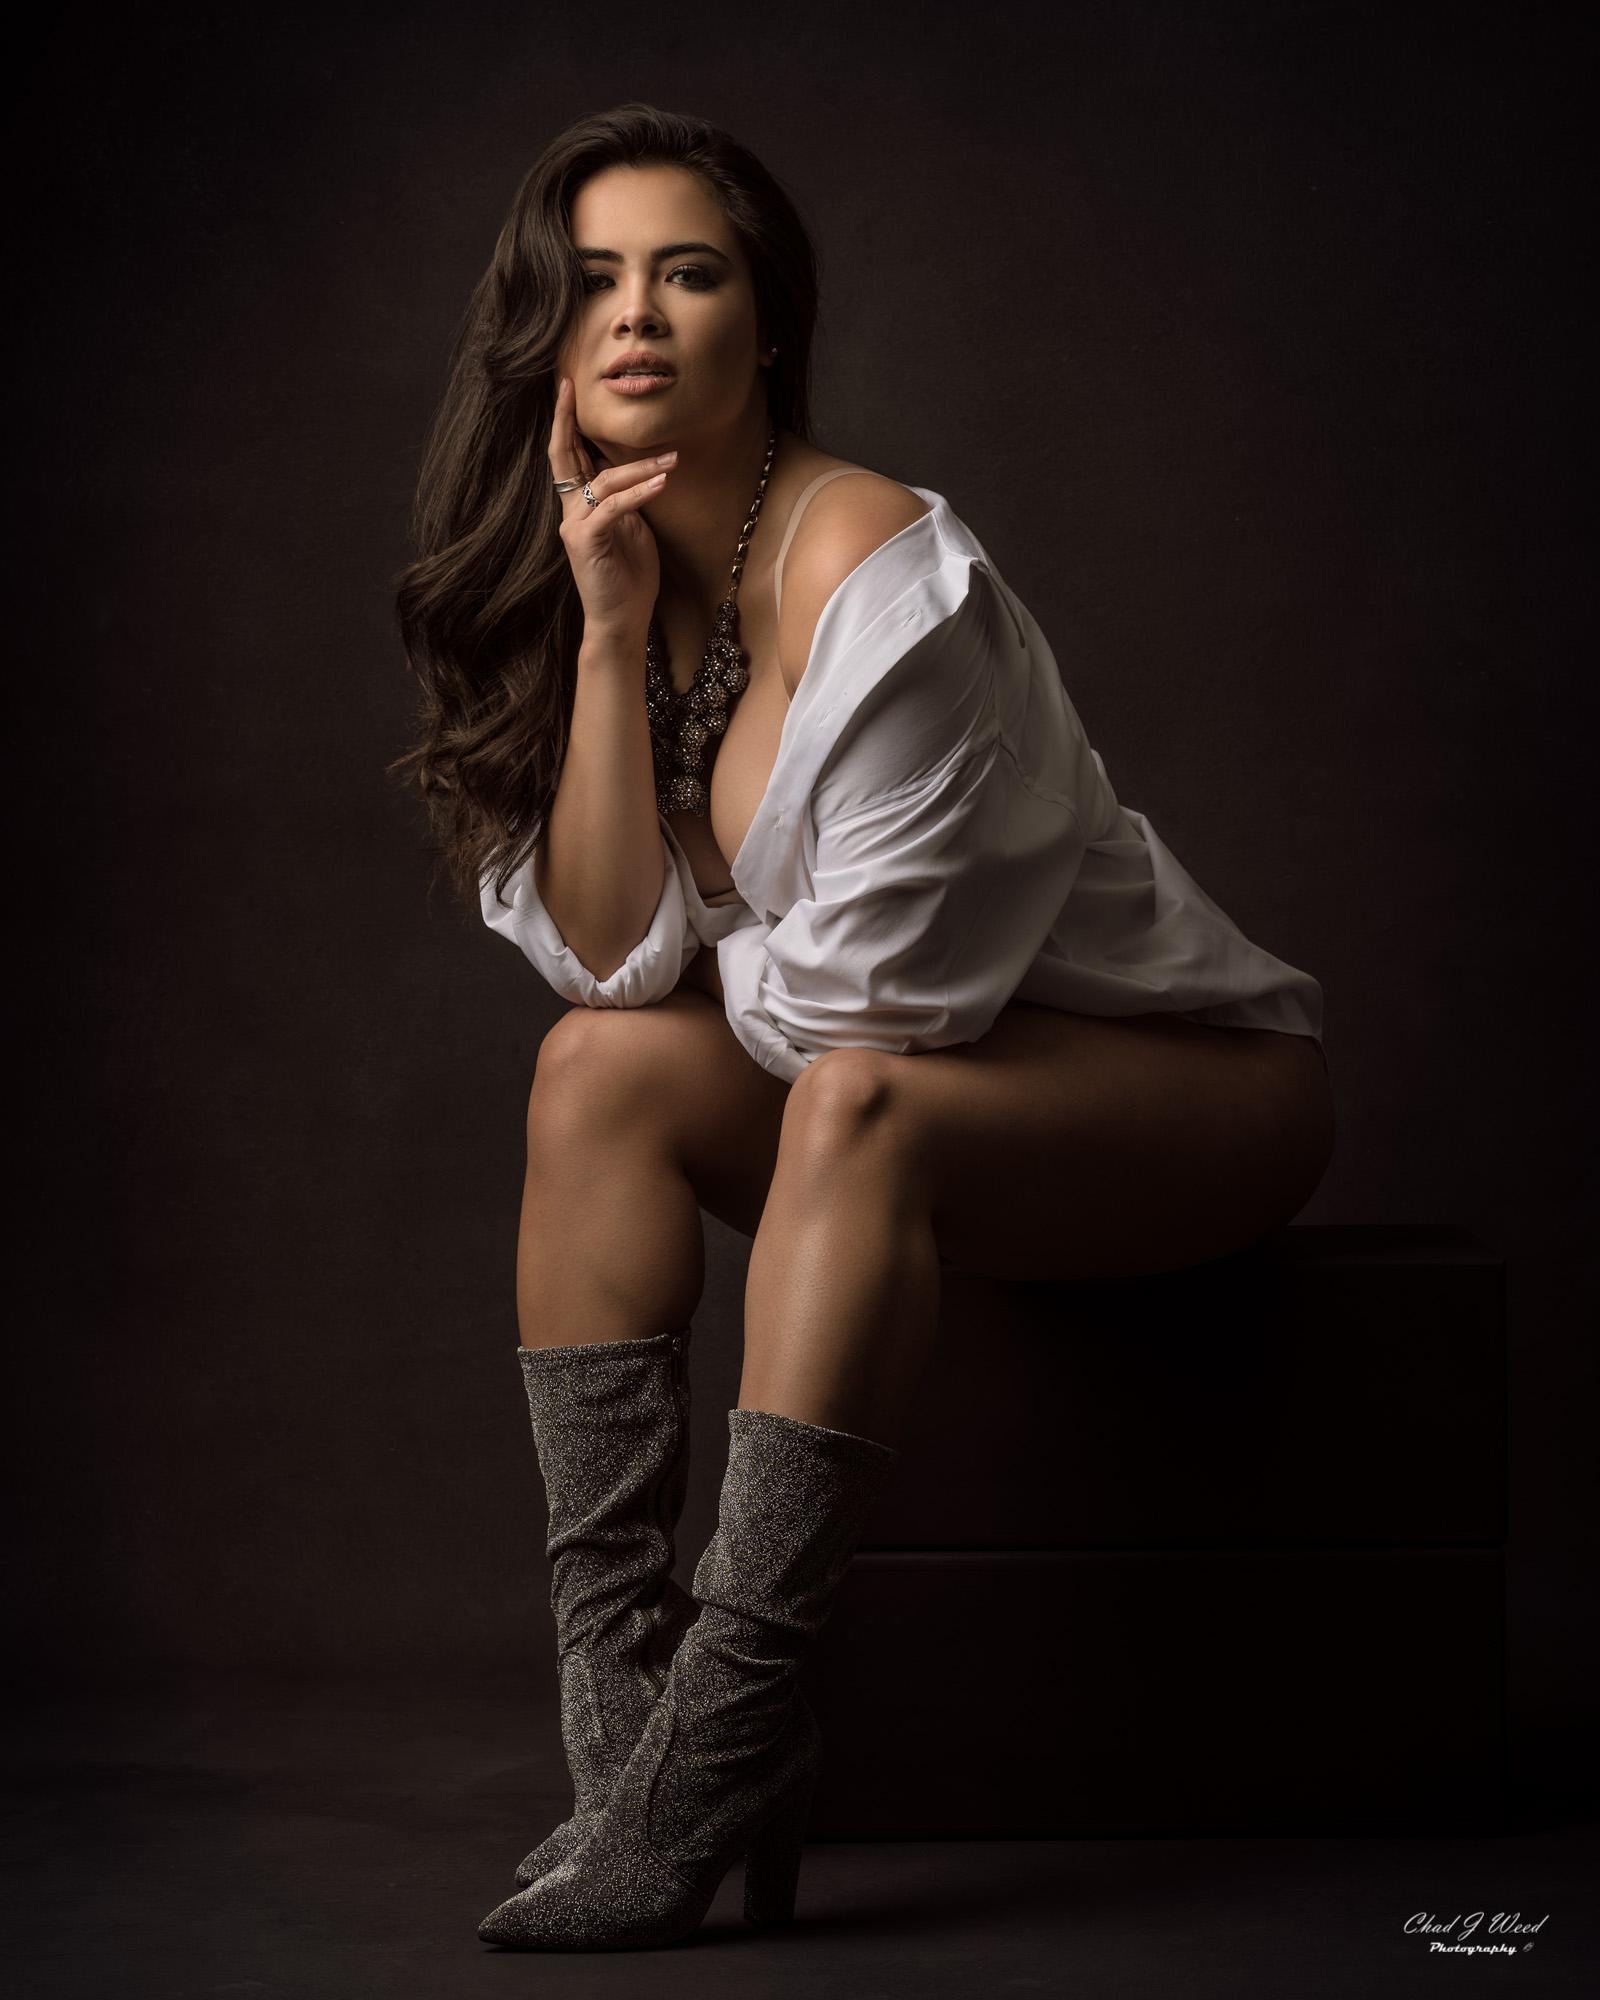 Mesa Arizona Boudior Photographer Chad Weed of Fashion Model Karla